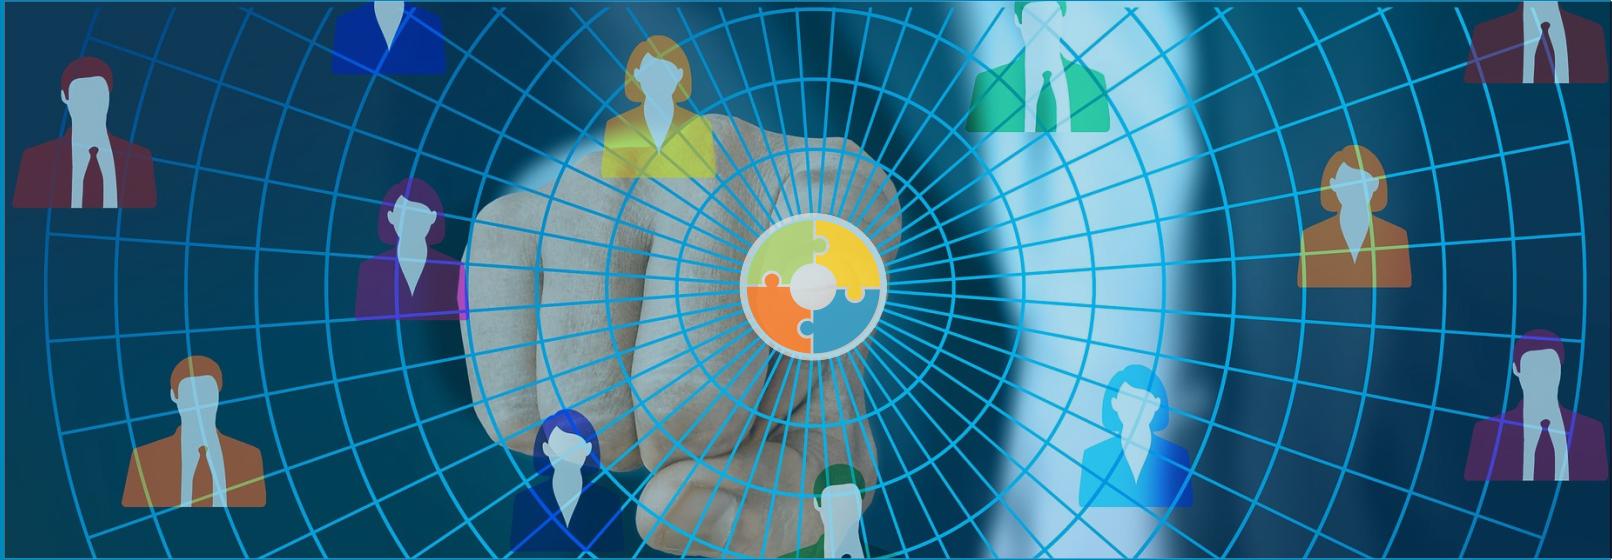 que es redsiclos_ red de comercio e intercambio local de bienes, productos y servicios